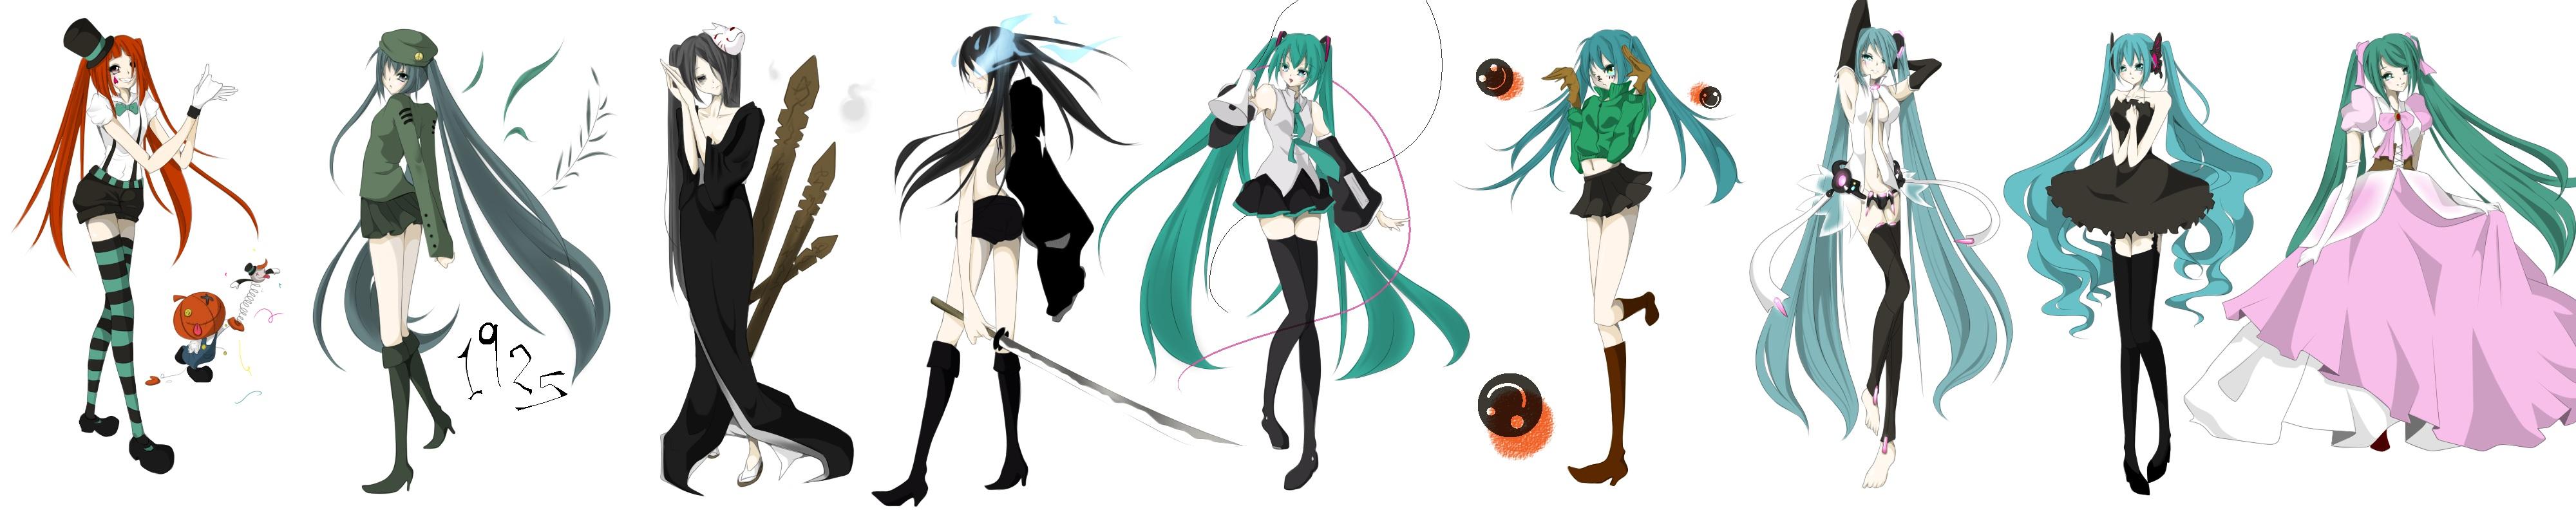 Song-Over Image #567793 - Zerochan Anime Image Board